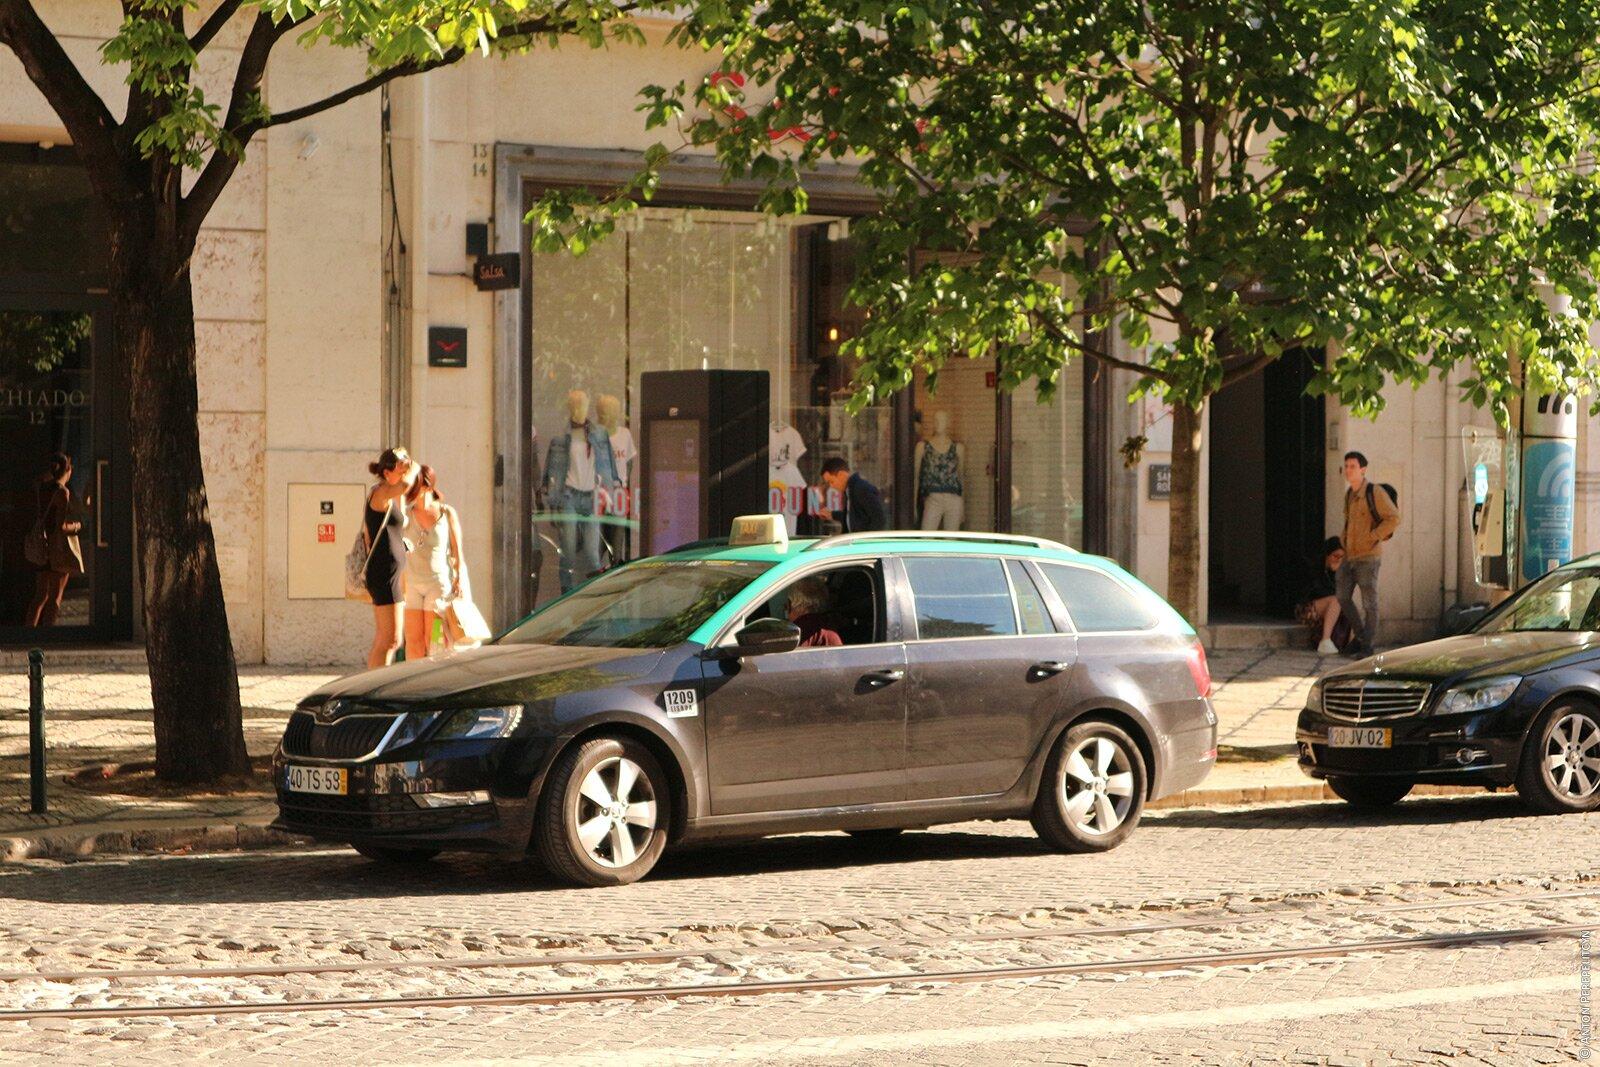 Стоянка такси в районе Chiado